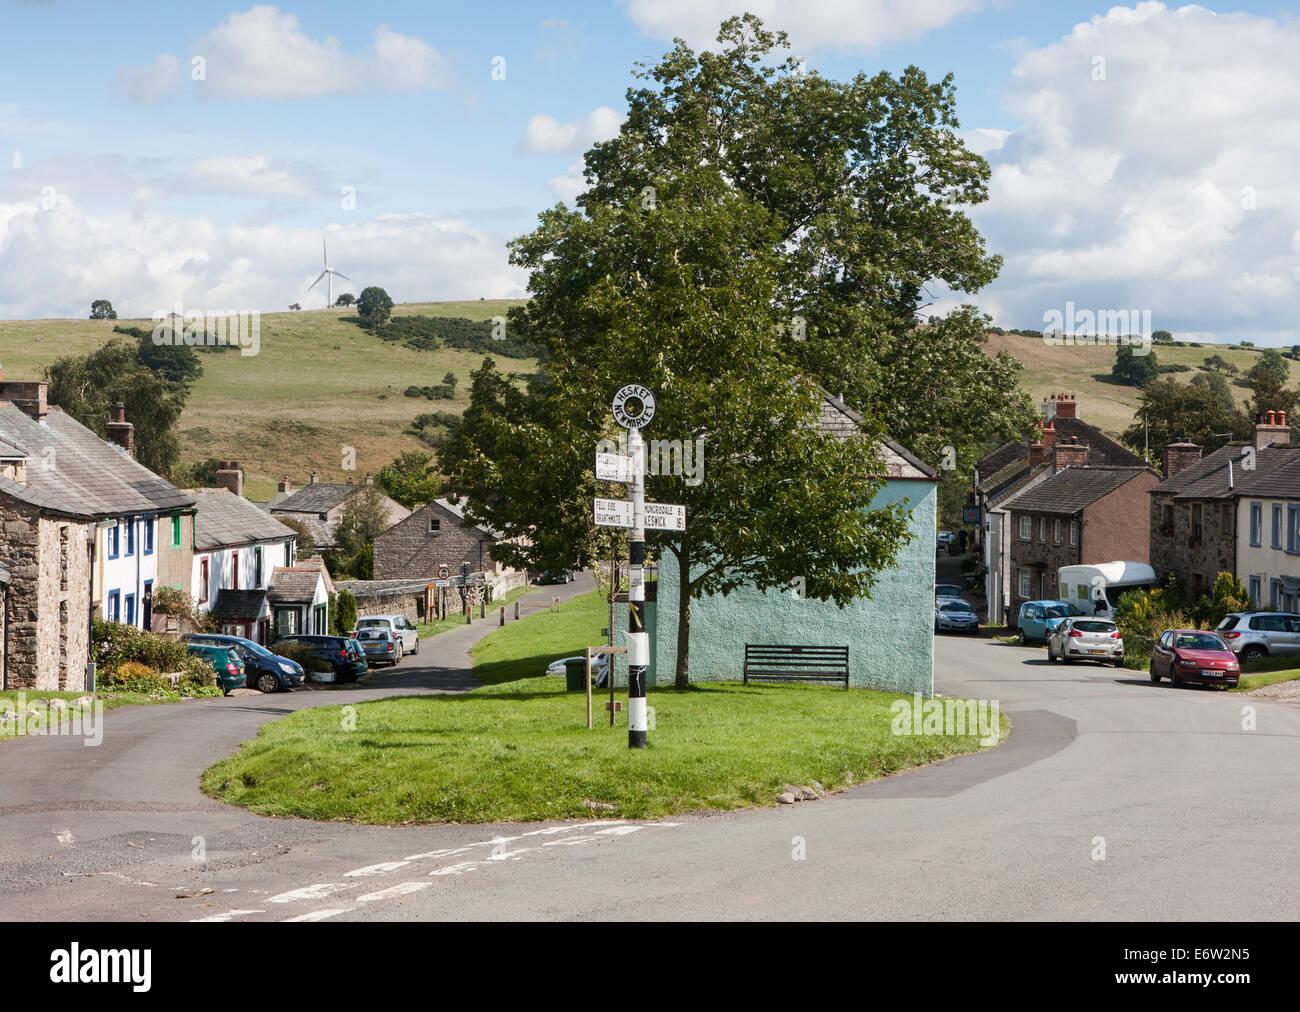 Newmarket Village of North West